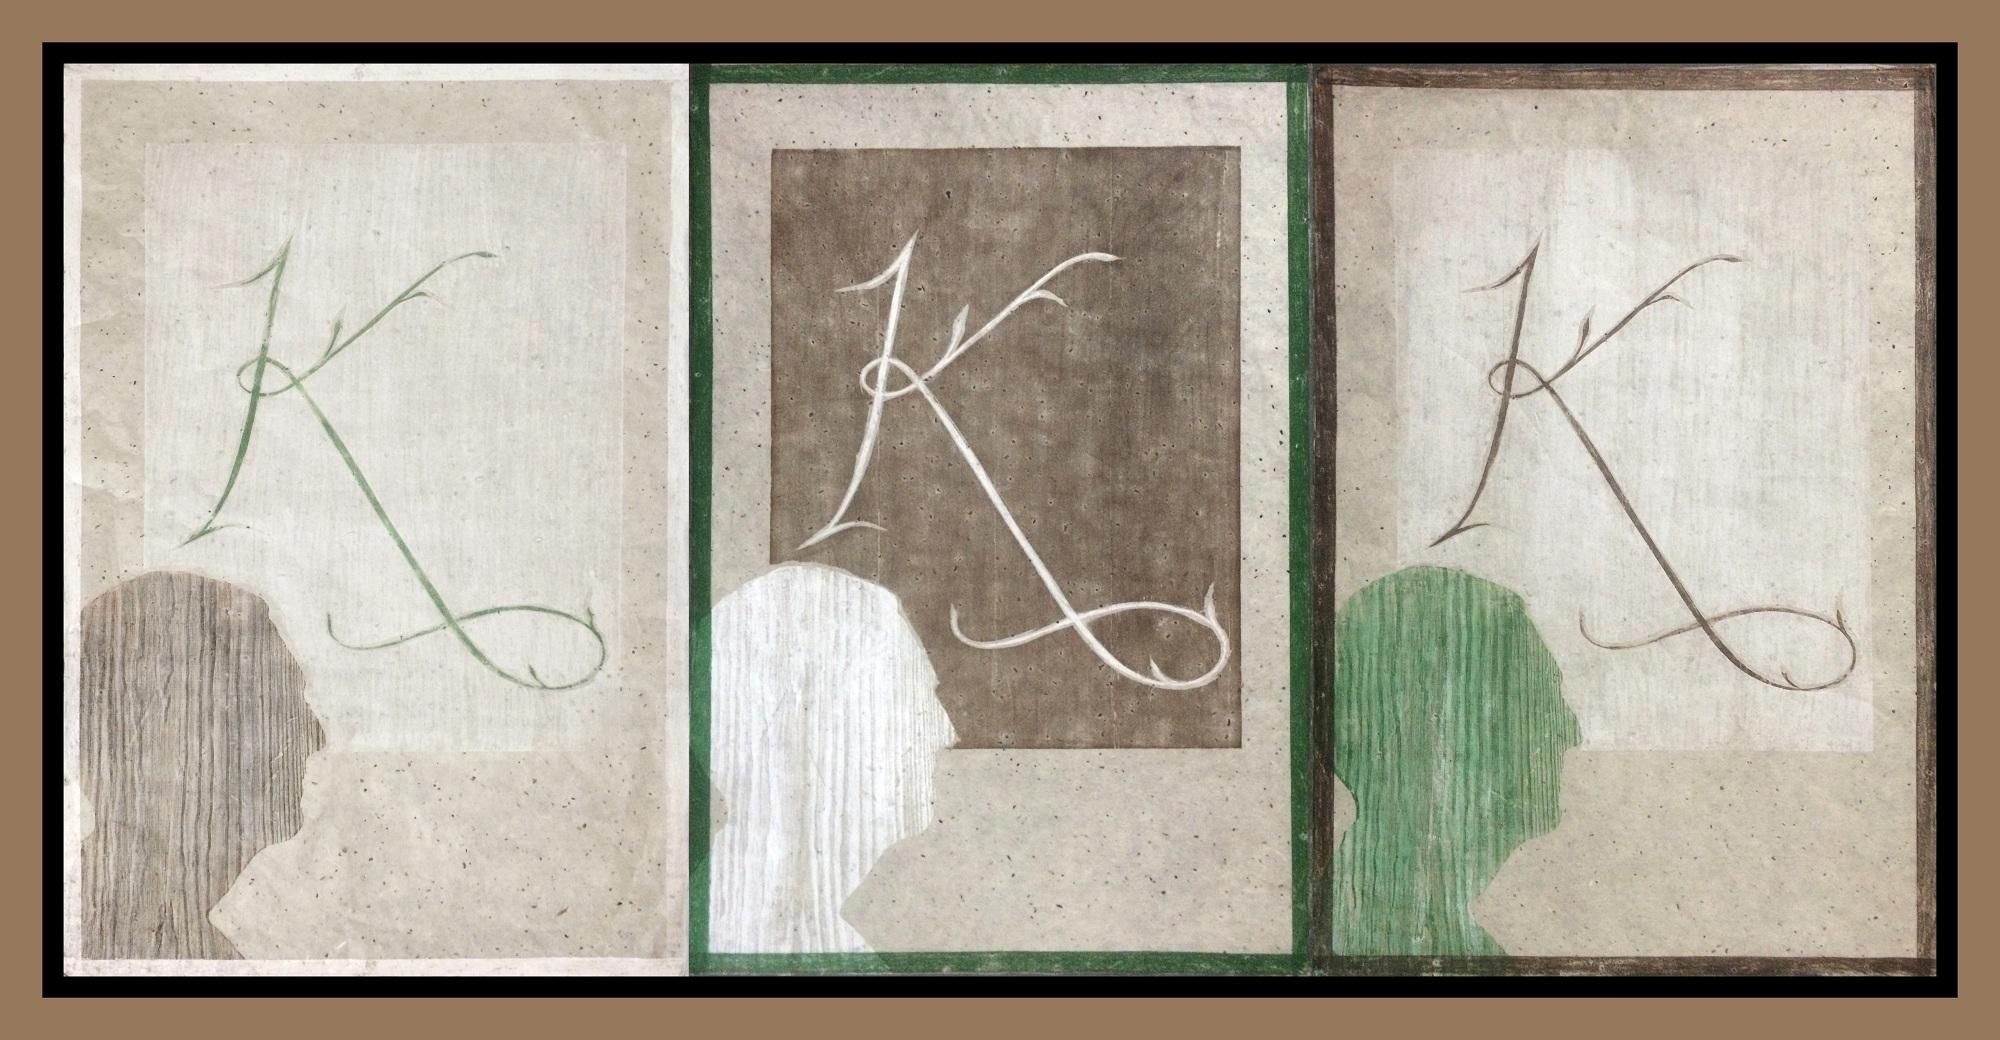 Obra Antonio Martorell para expo Casa Klumb - Variaciones en K Mayor 2014